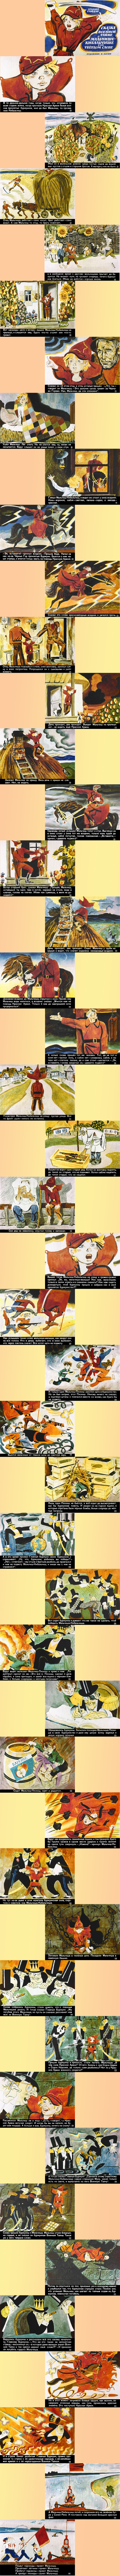 """""""Сказка о военной тайне, о Мальчише-Кибальчише и его твёрдом слове"""". Диафильм 1968г. СССР Сделано в СССР, Студия диафильм, Комиксы, Длиннопост"""